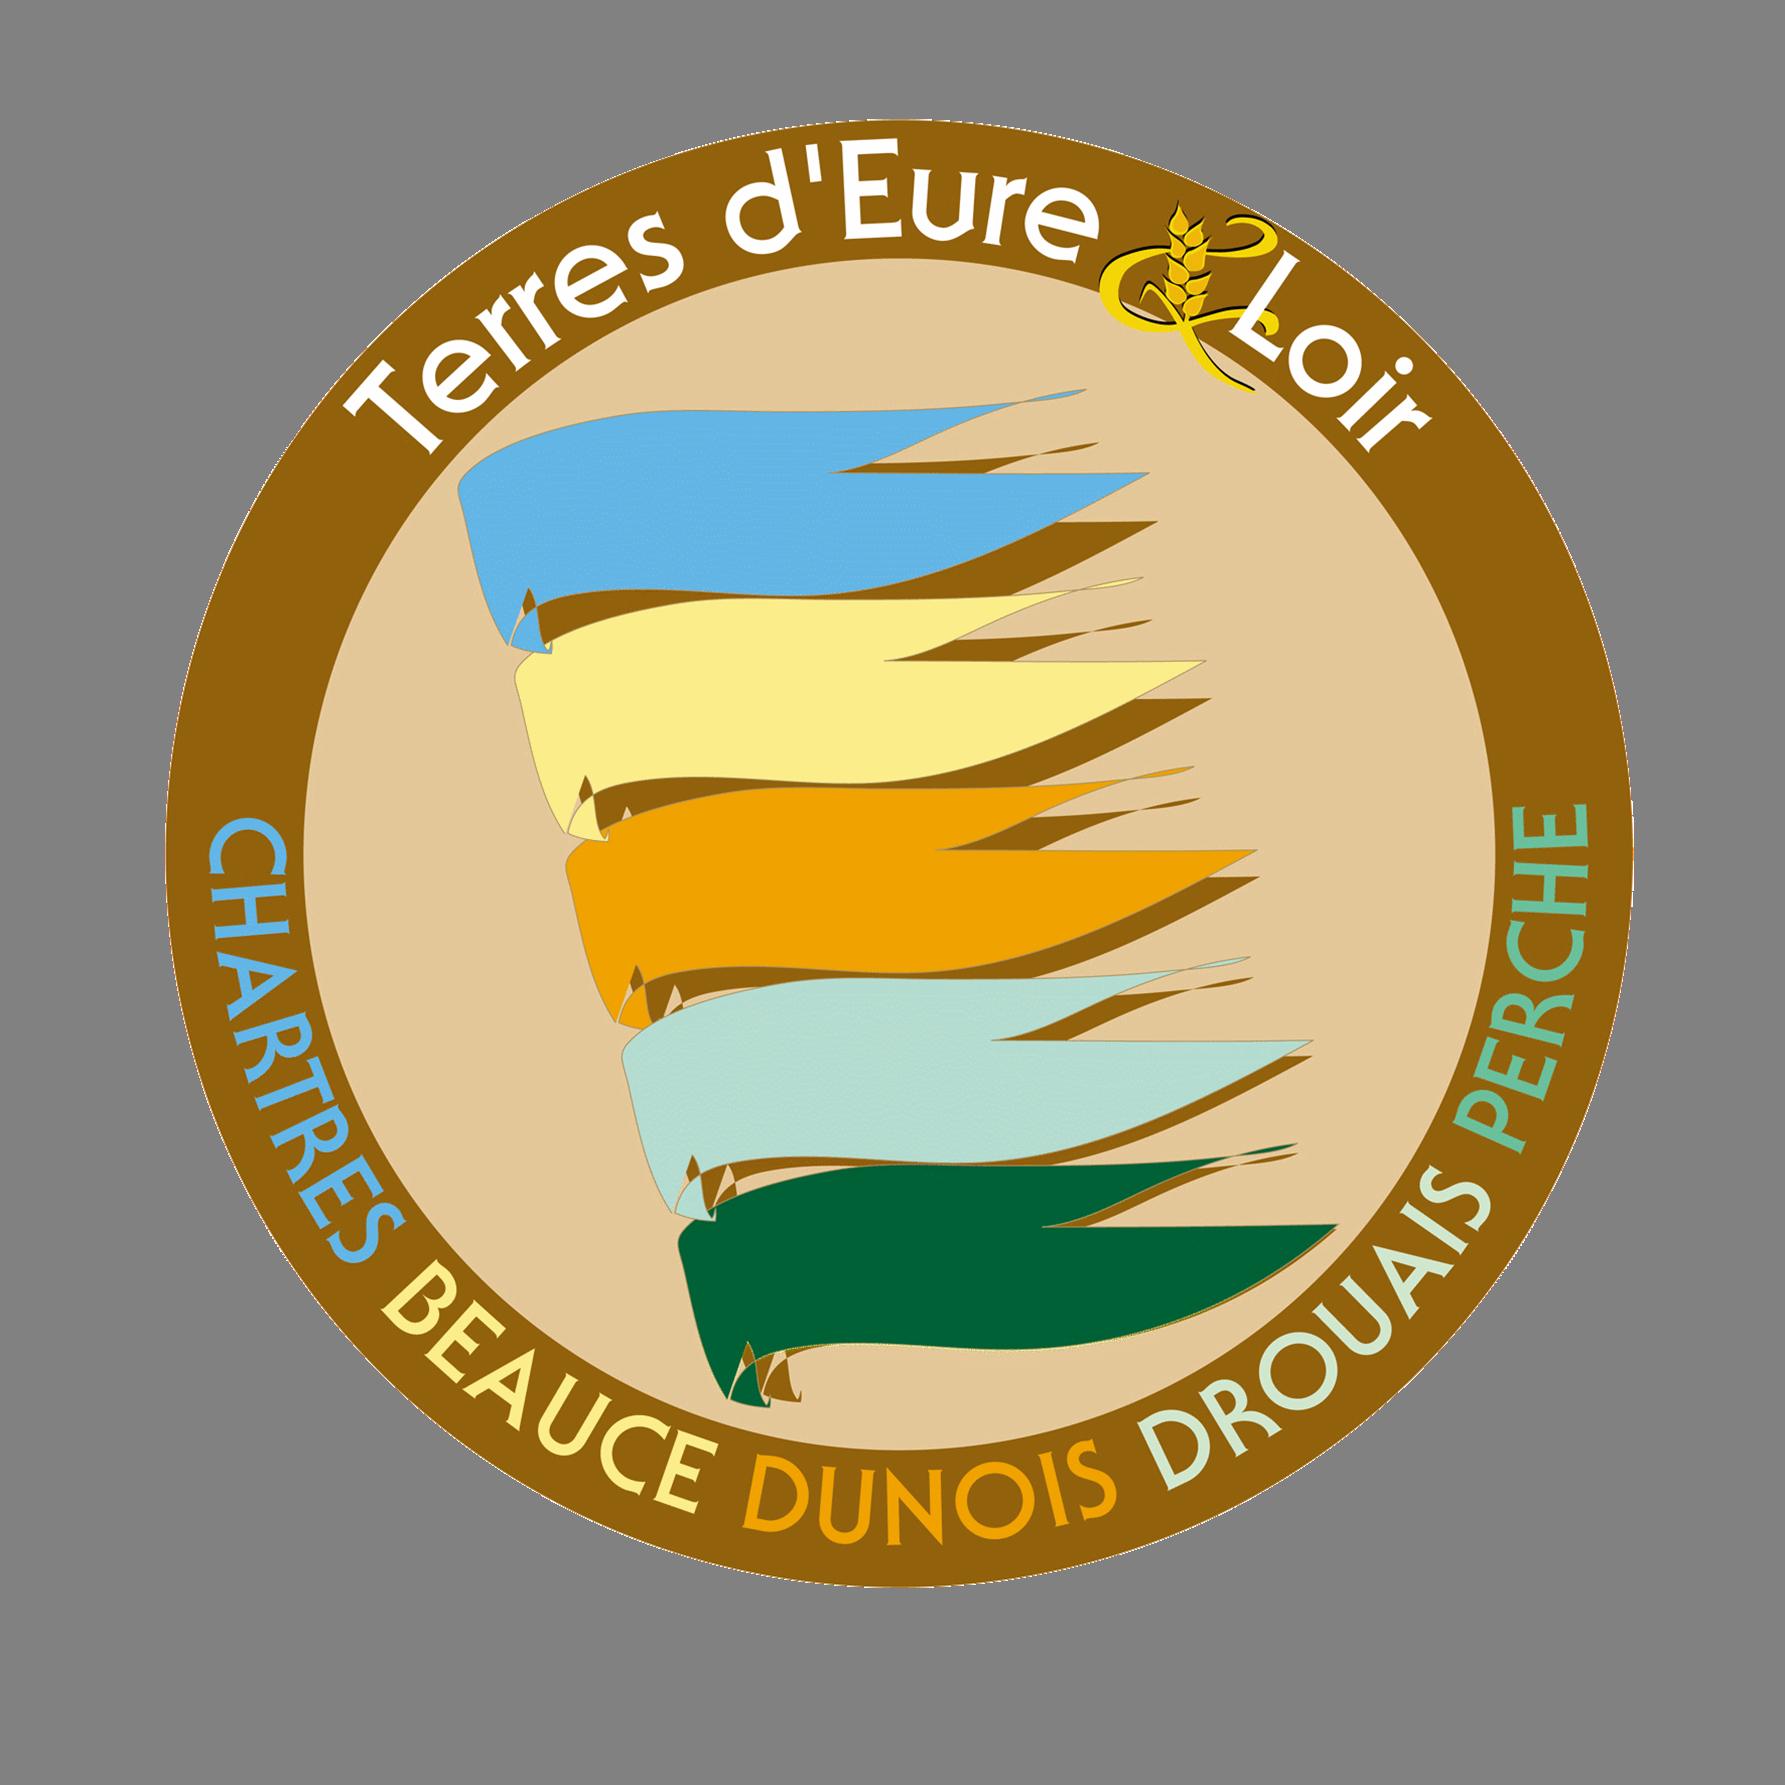 Terres d'Eure-et-Loir